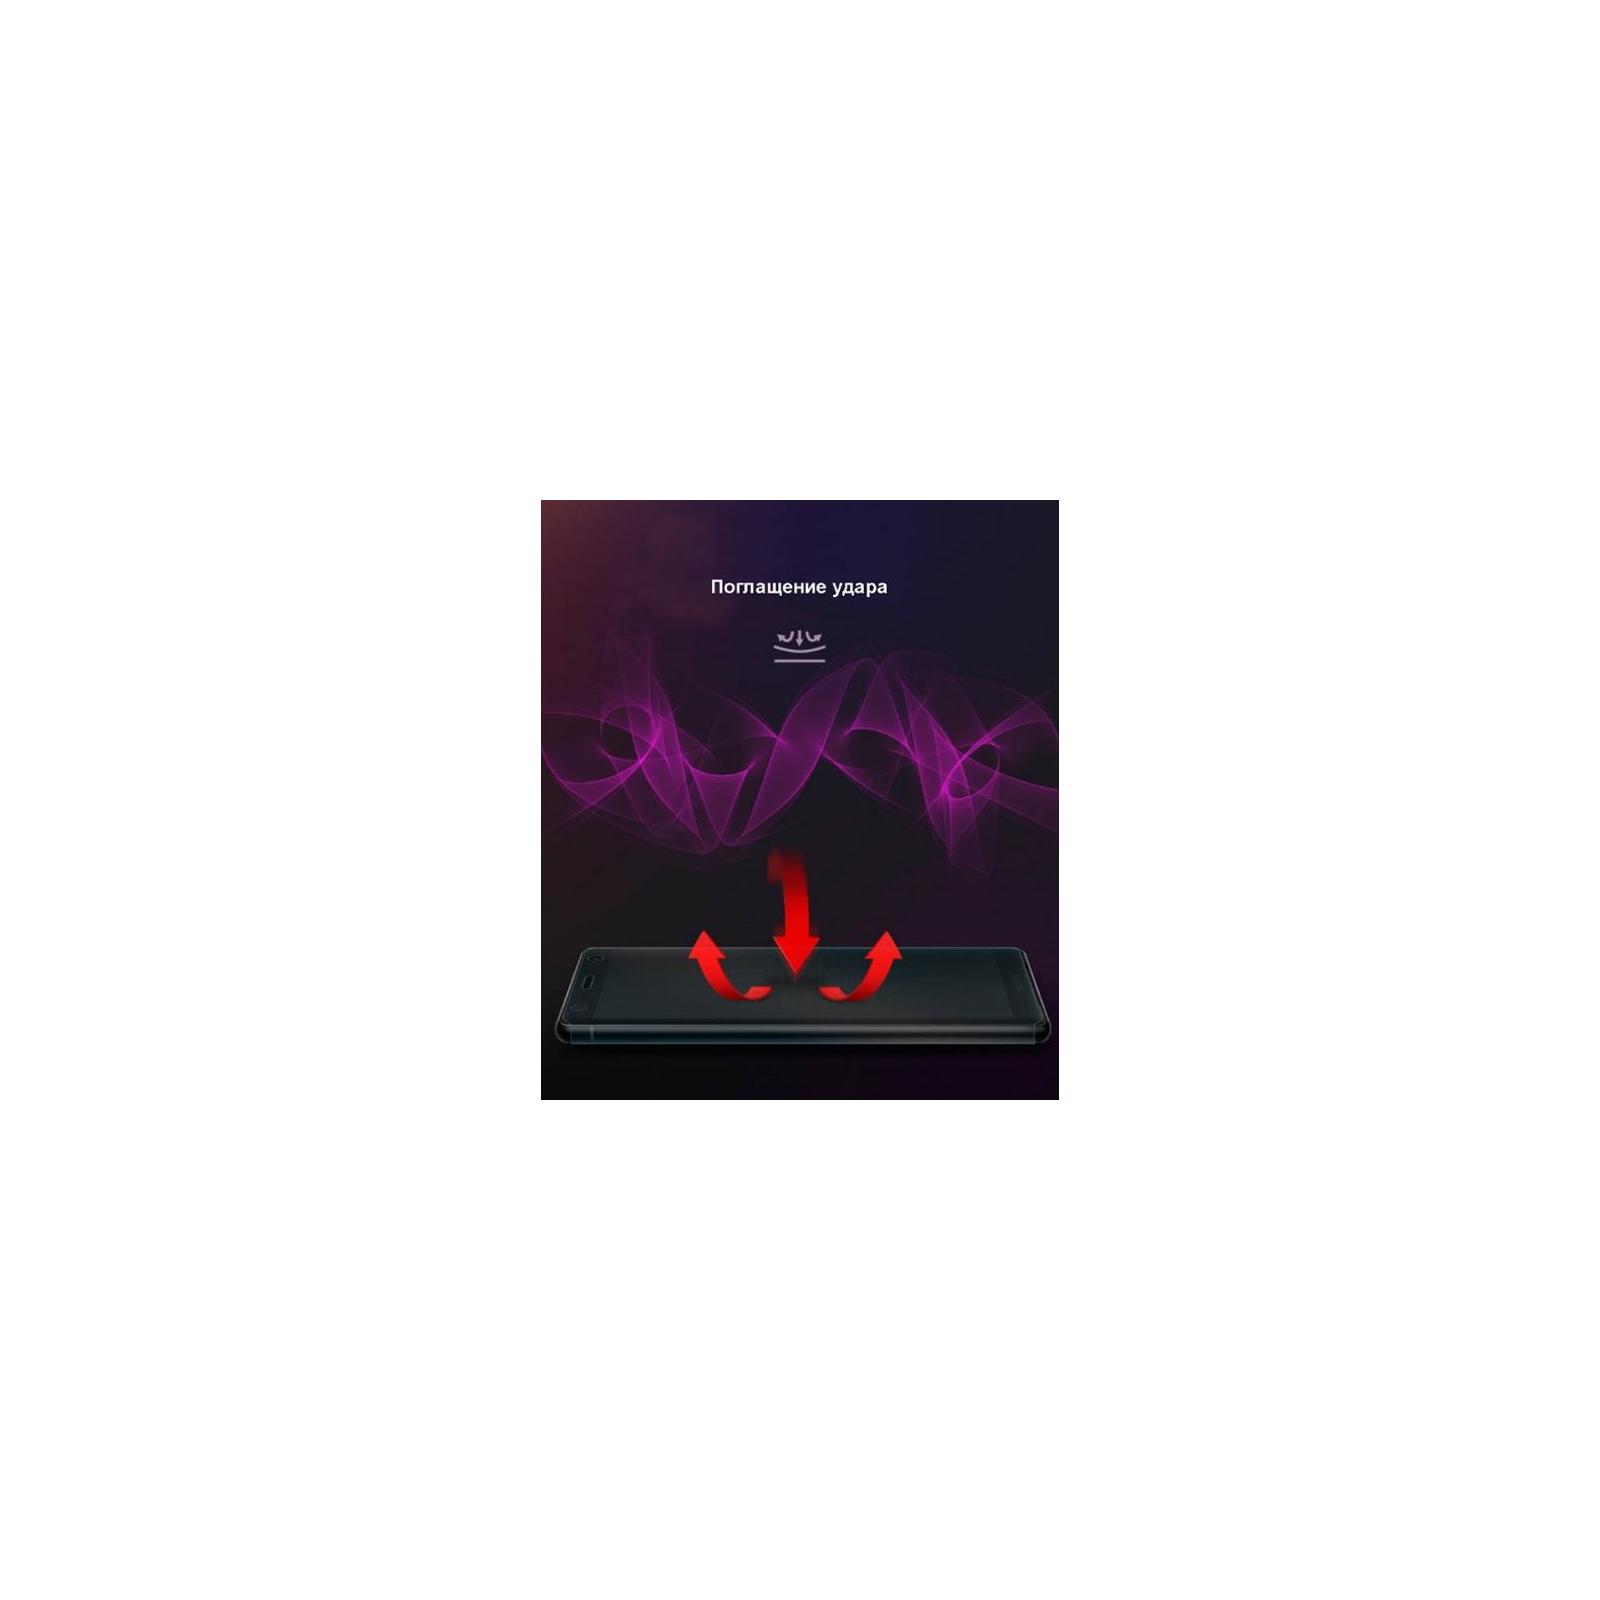 Пленка защитная Ringke для телефона Sony Xperia XZ2 Compact Full Cover (RSP4456) изображение 7